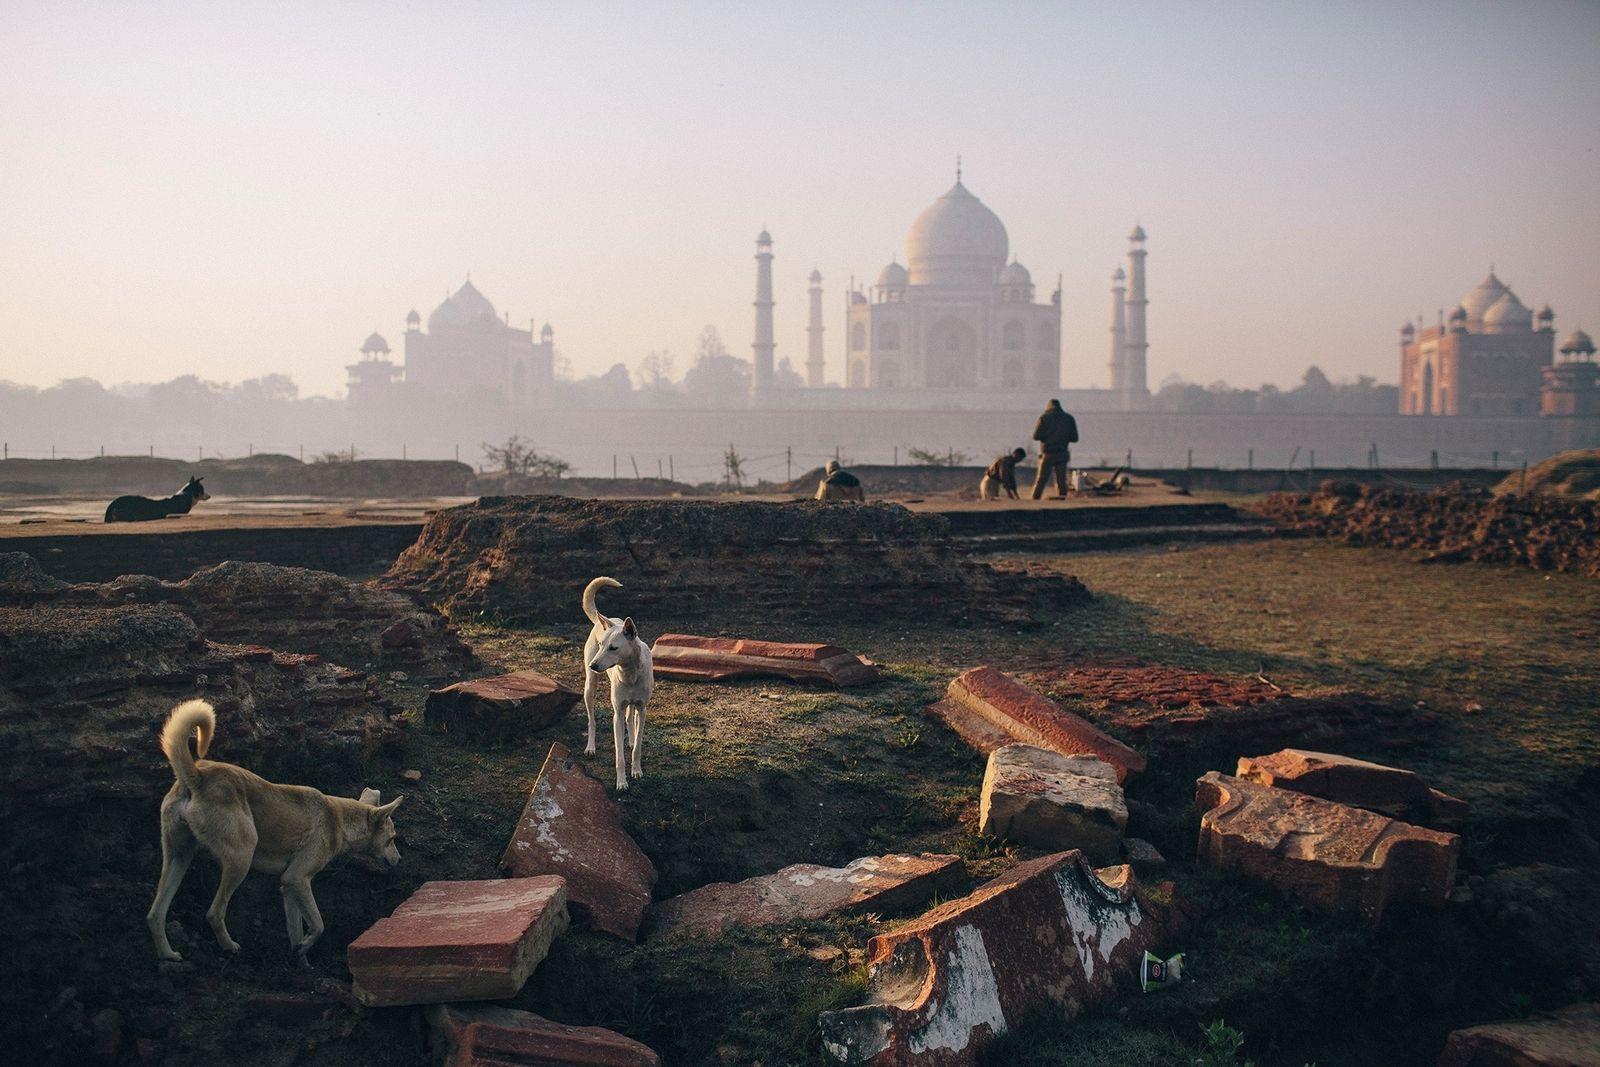 Adotar cães de rua está em alta na Índia